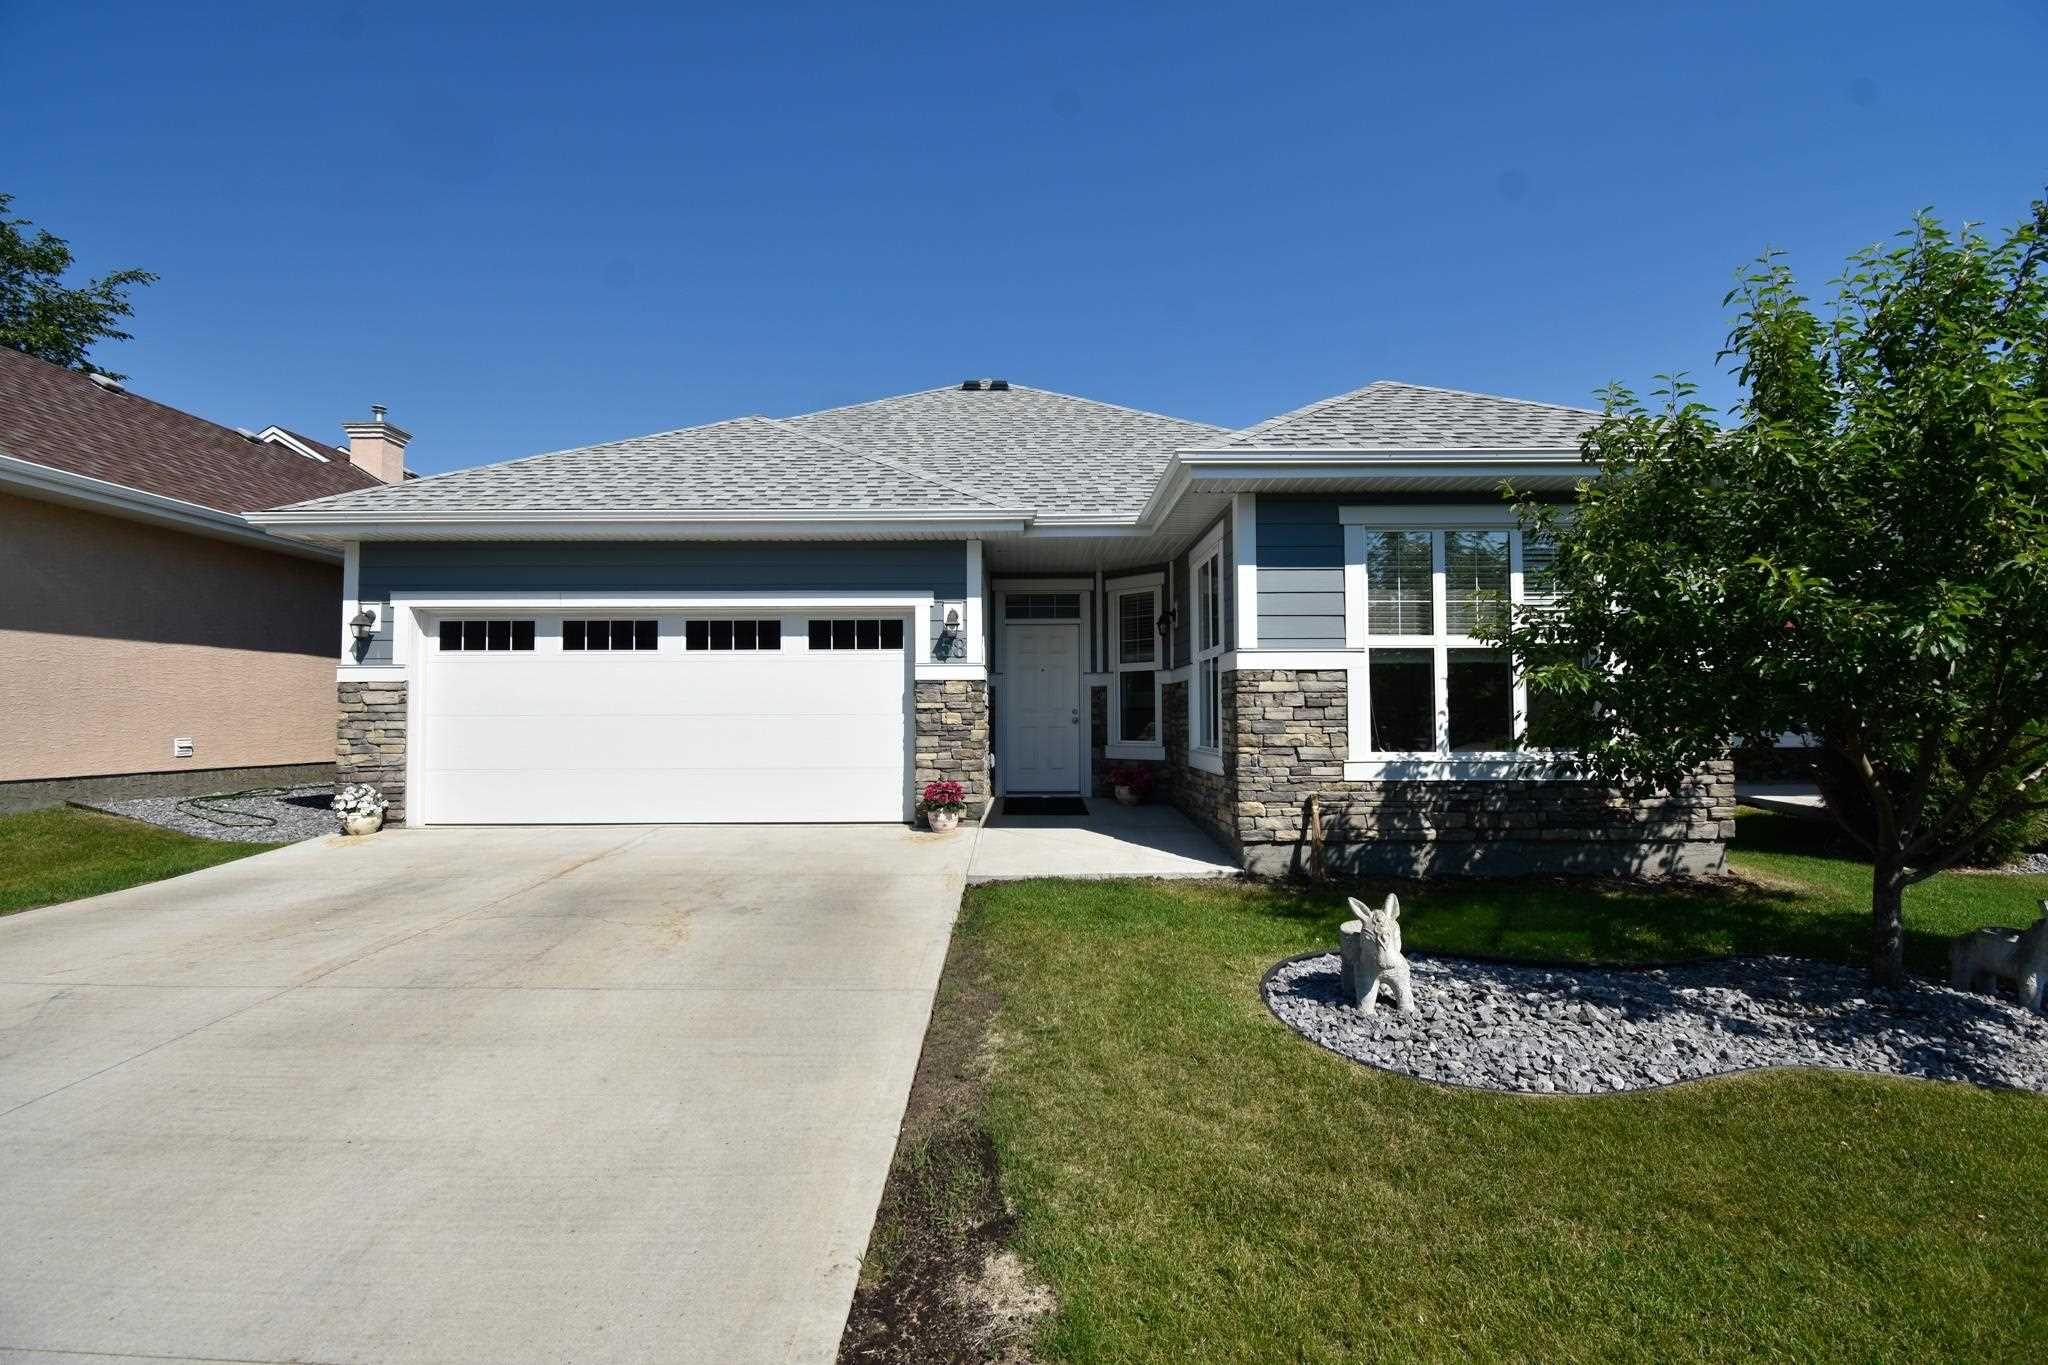 Main Photo: #58 18343 Lessard in Edmonton: Zone 20 Condo for sale : MLS®# E4252017